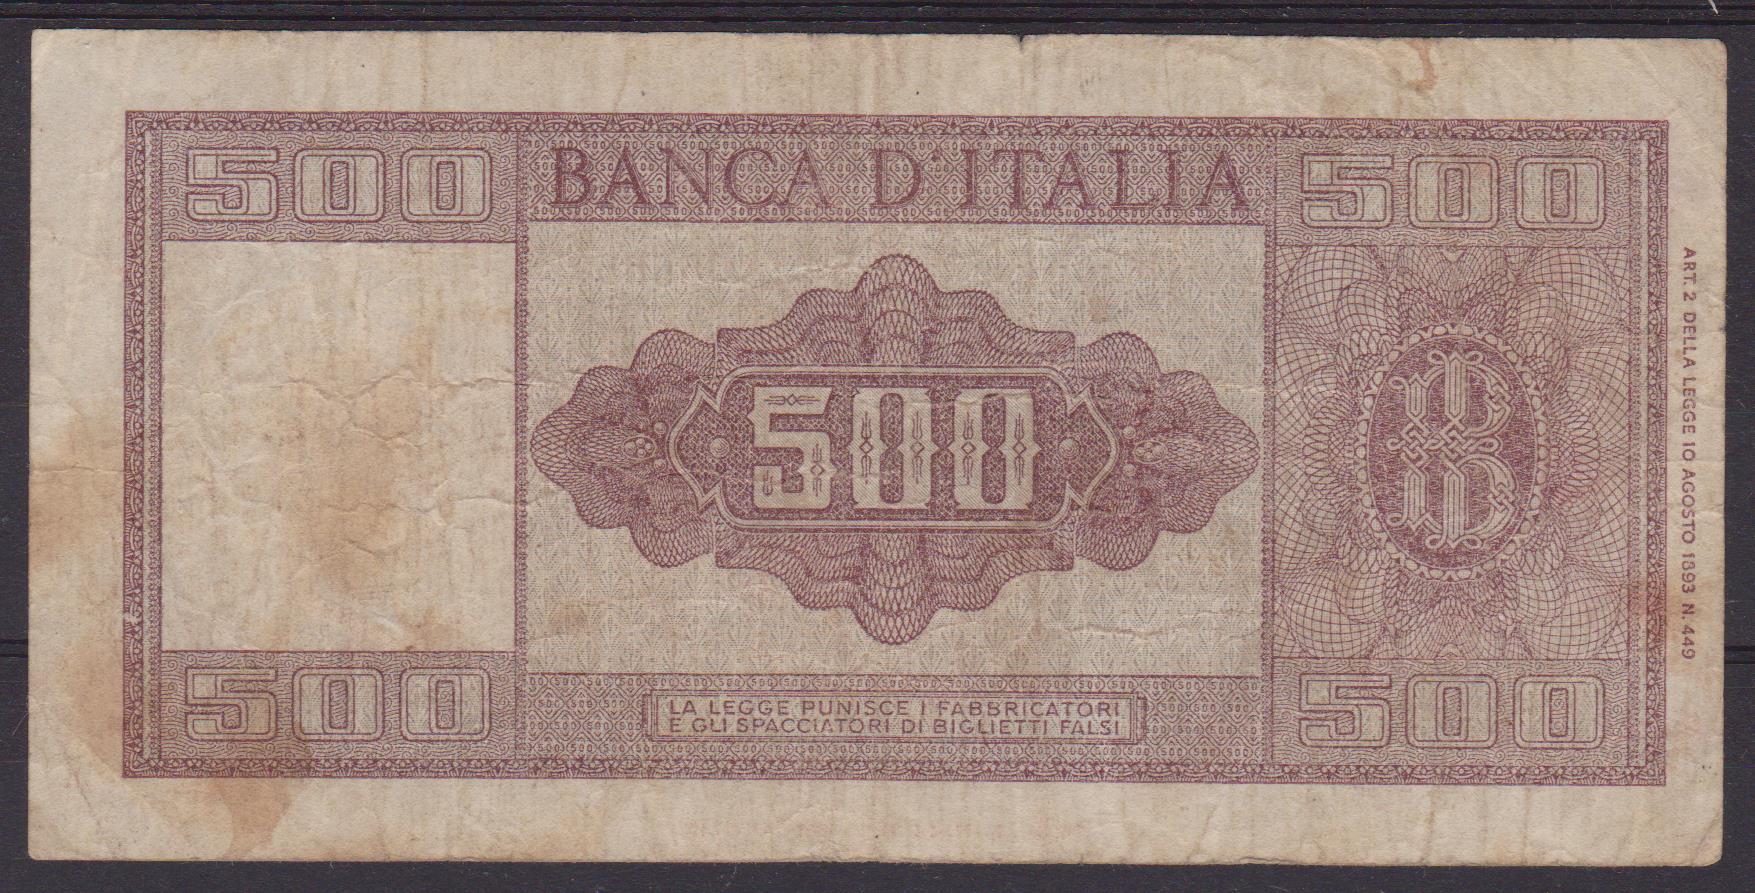 banconota lire 500 2 001